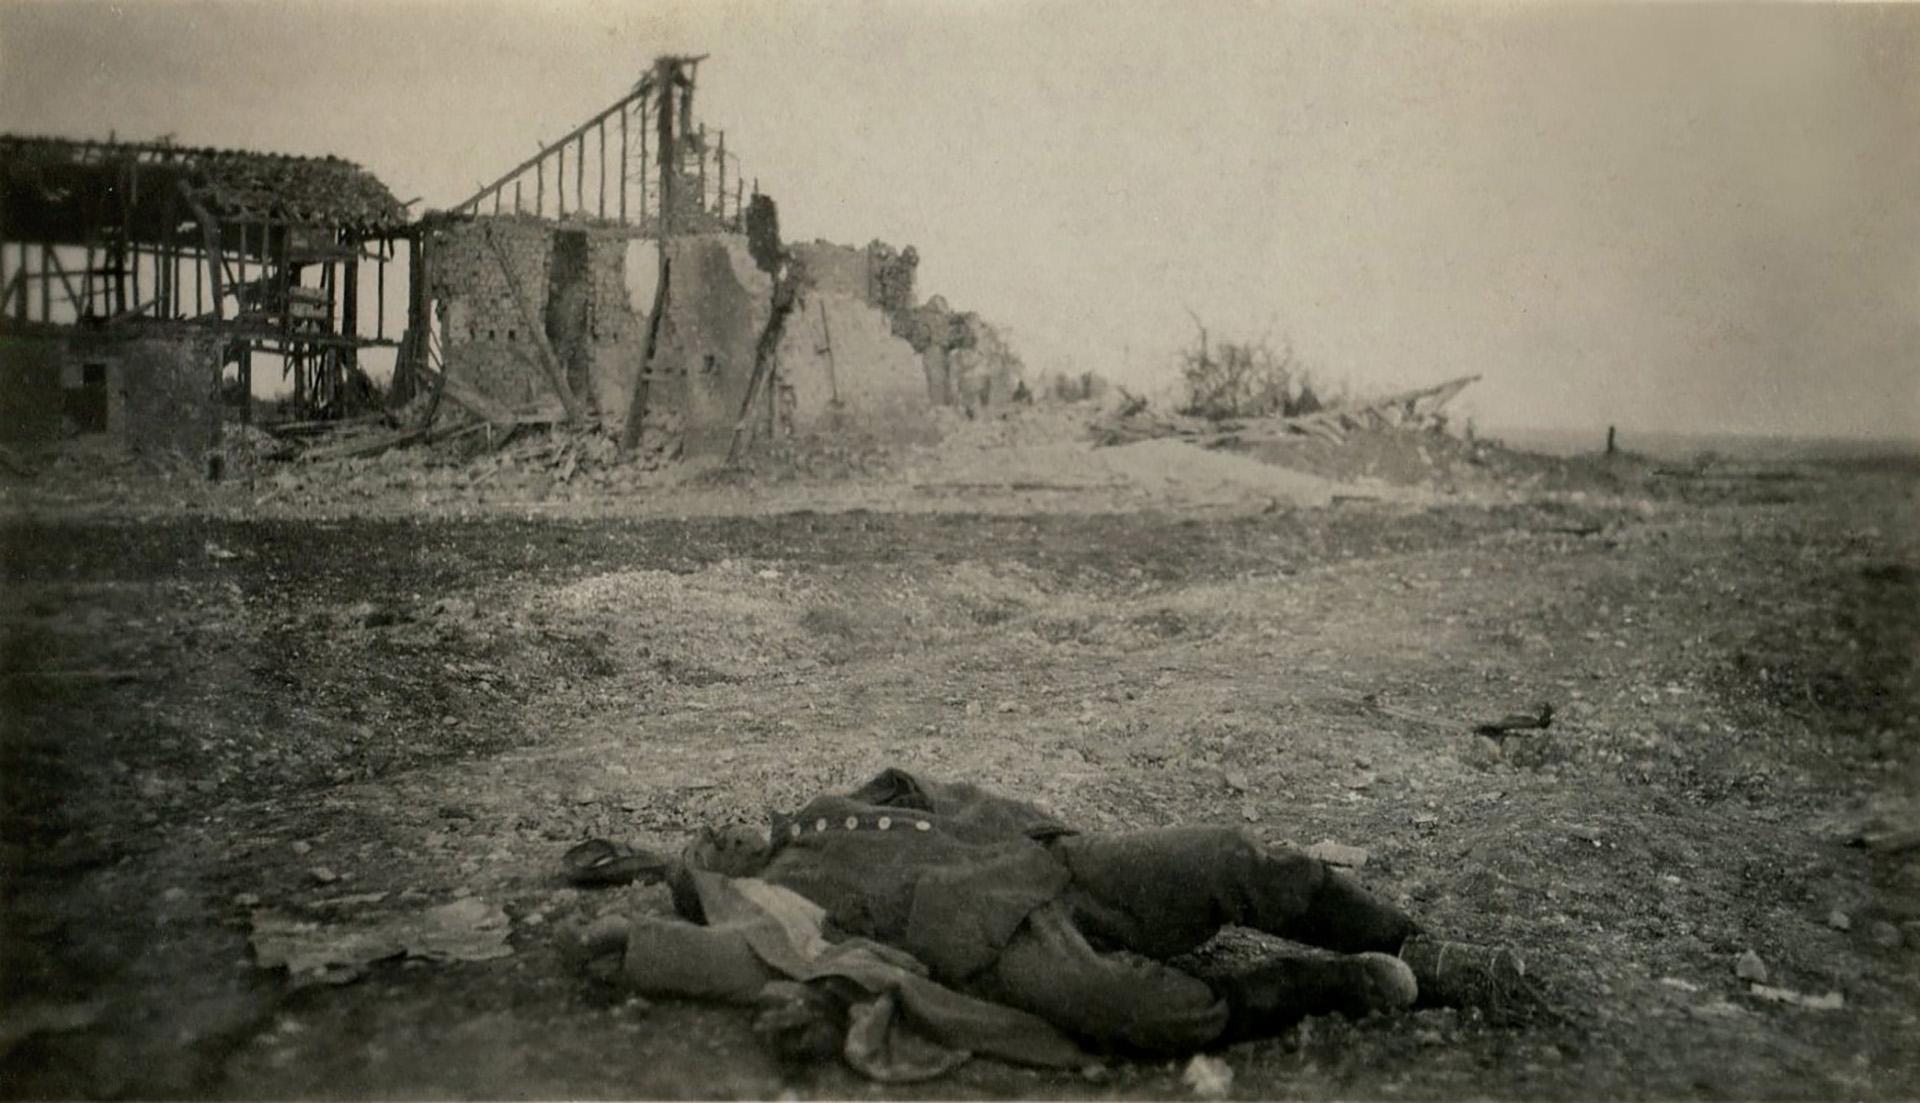 Un soldado muerto en un posible ataque con gases tóxicos